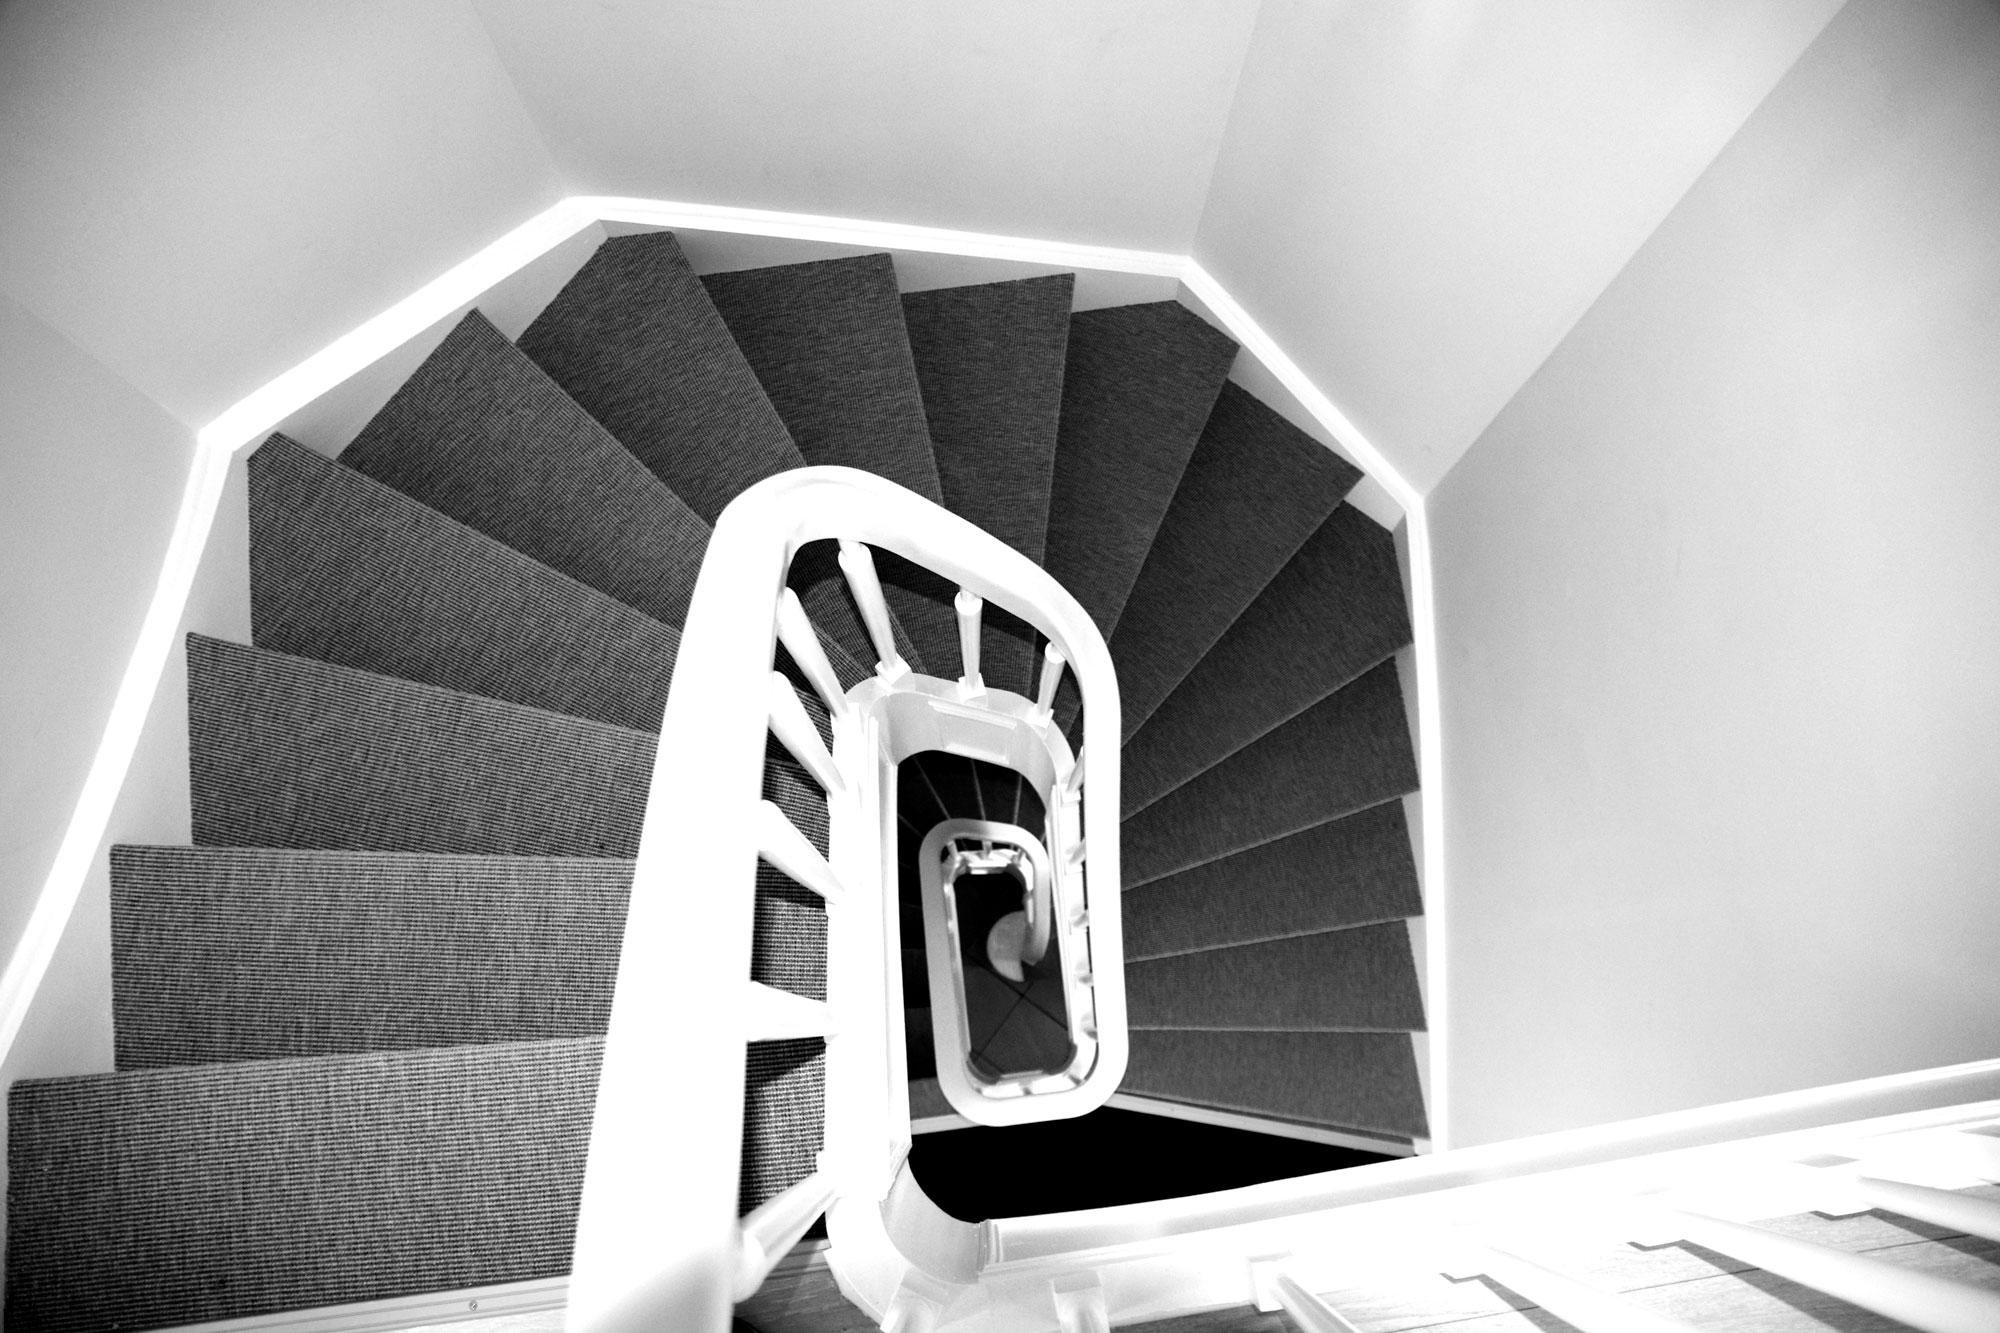 Pierphy welkom een renovatie en decoratiebedrijf vertrouw ons uw werf toe 1070 brussel - Decoratie van trappenhuis ...